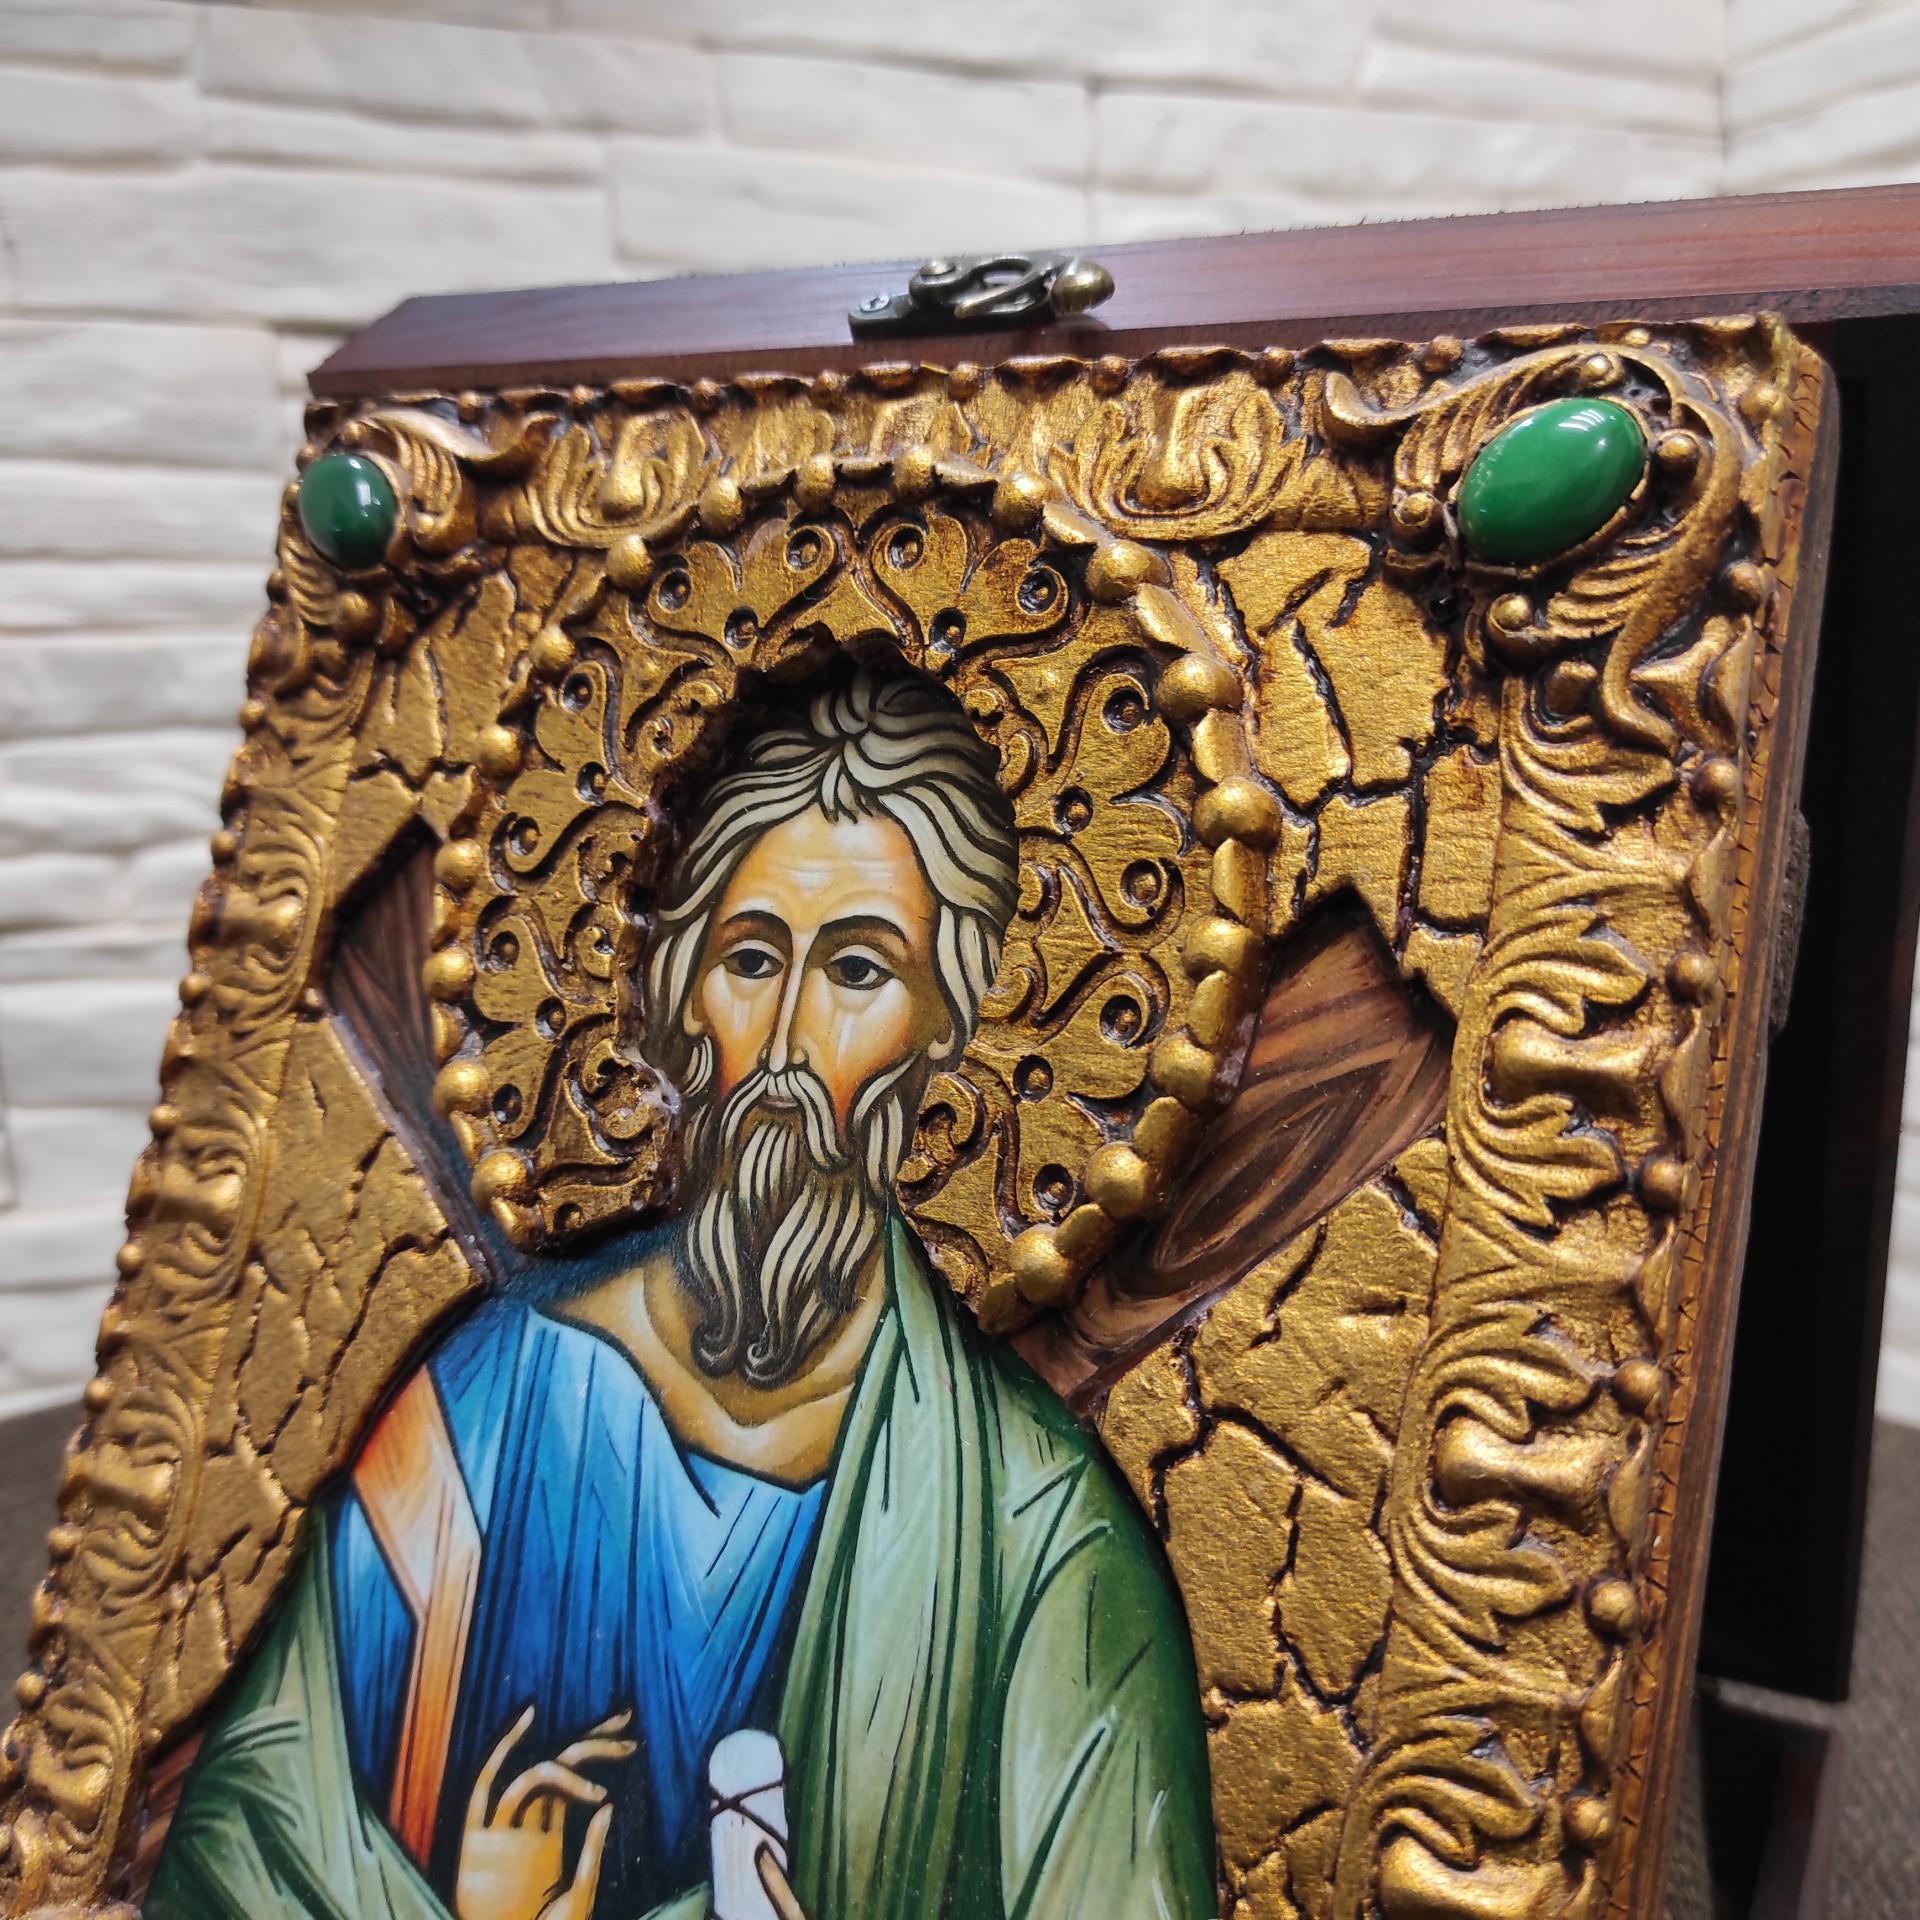 Фото верхних камней именной иконы святого апостола Андрея Первозванного с камнями на подставке в футляре